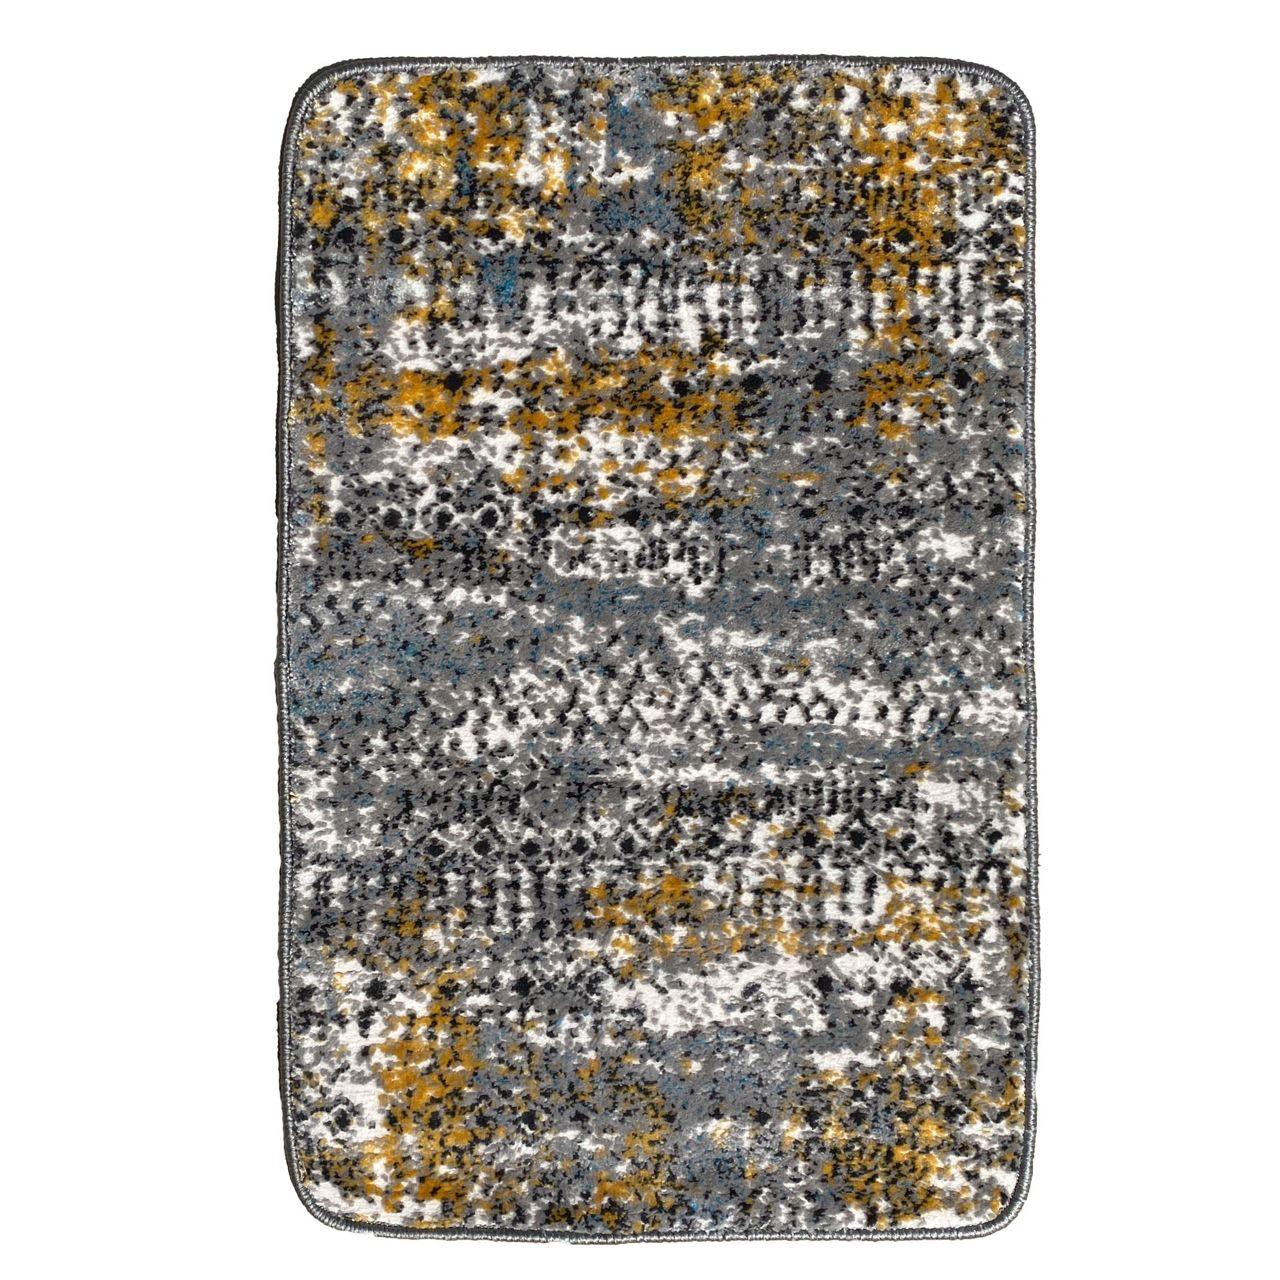 فرش ماشینی نیروانا طرح گبه کد 585-1